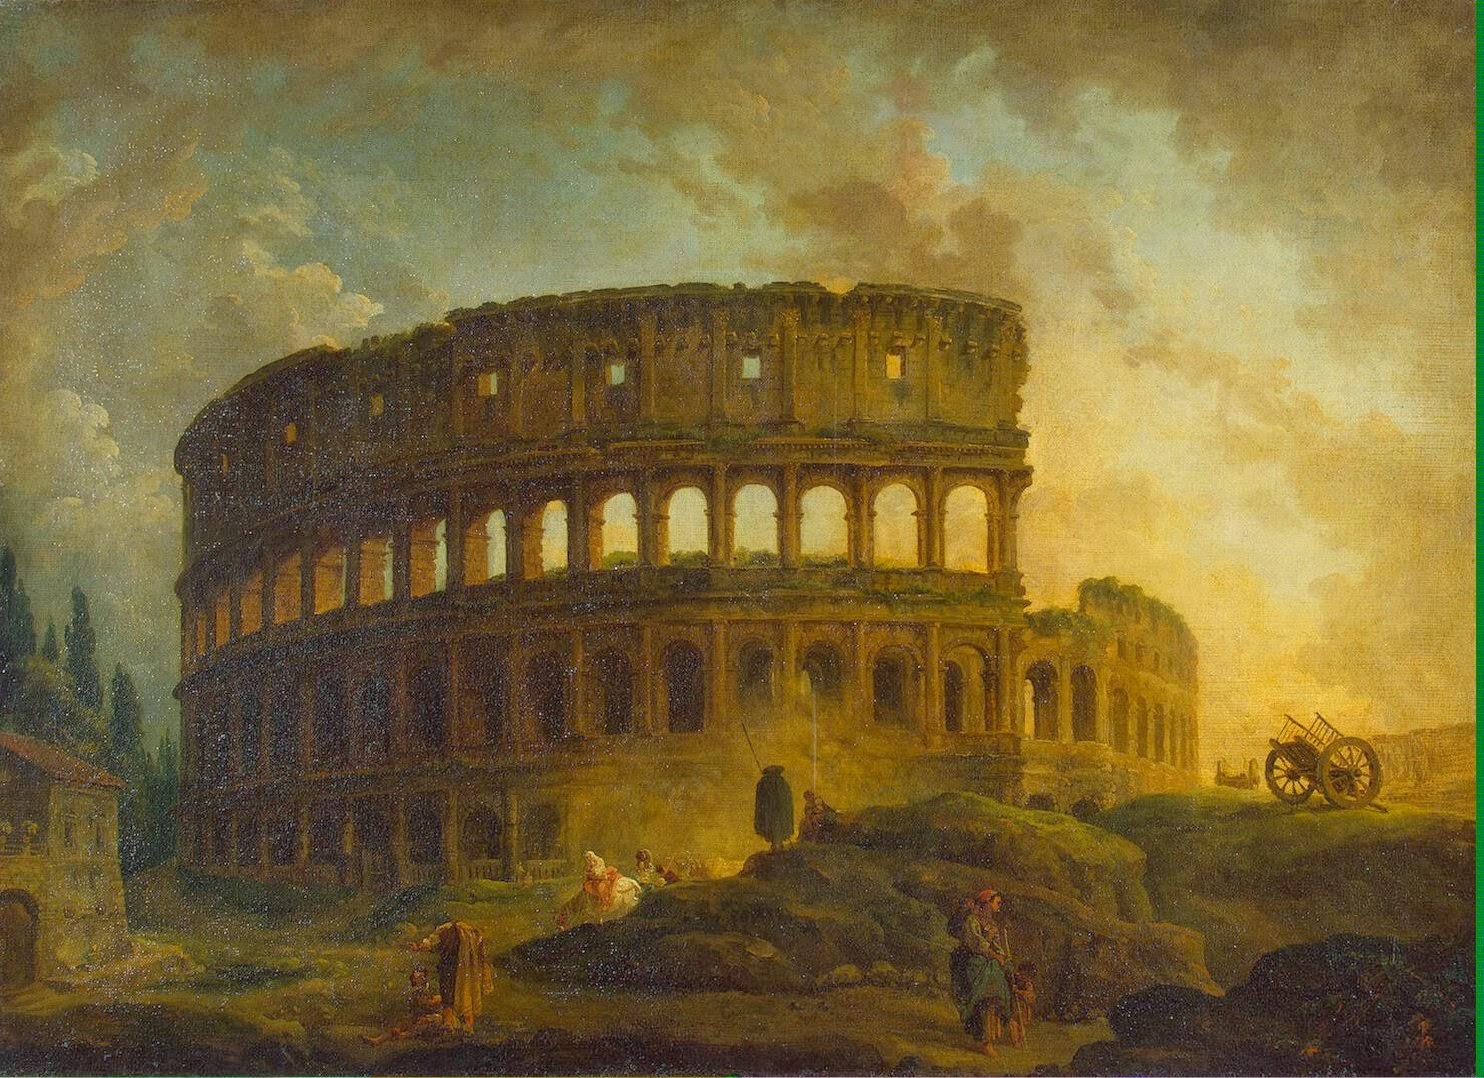 http://2.bp.blogspot.com/-sohODbZx8T0/Um0rbAK7EcI/AAAAAAAAA8Y/x6c_lPpXp14/s1600/Robert_Hubert-ZZZ-Colosseum.jpg